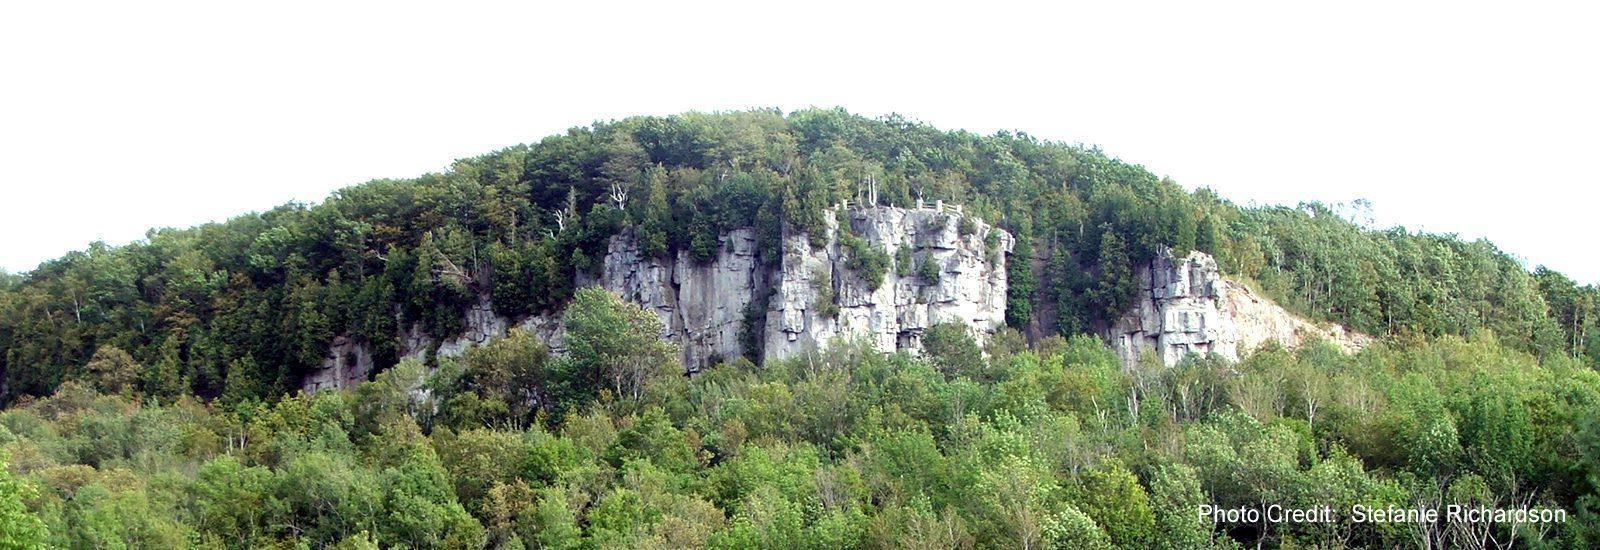 Milton - Kelso - Niagara Escarpment - sliver ( Stefanie Richardson)